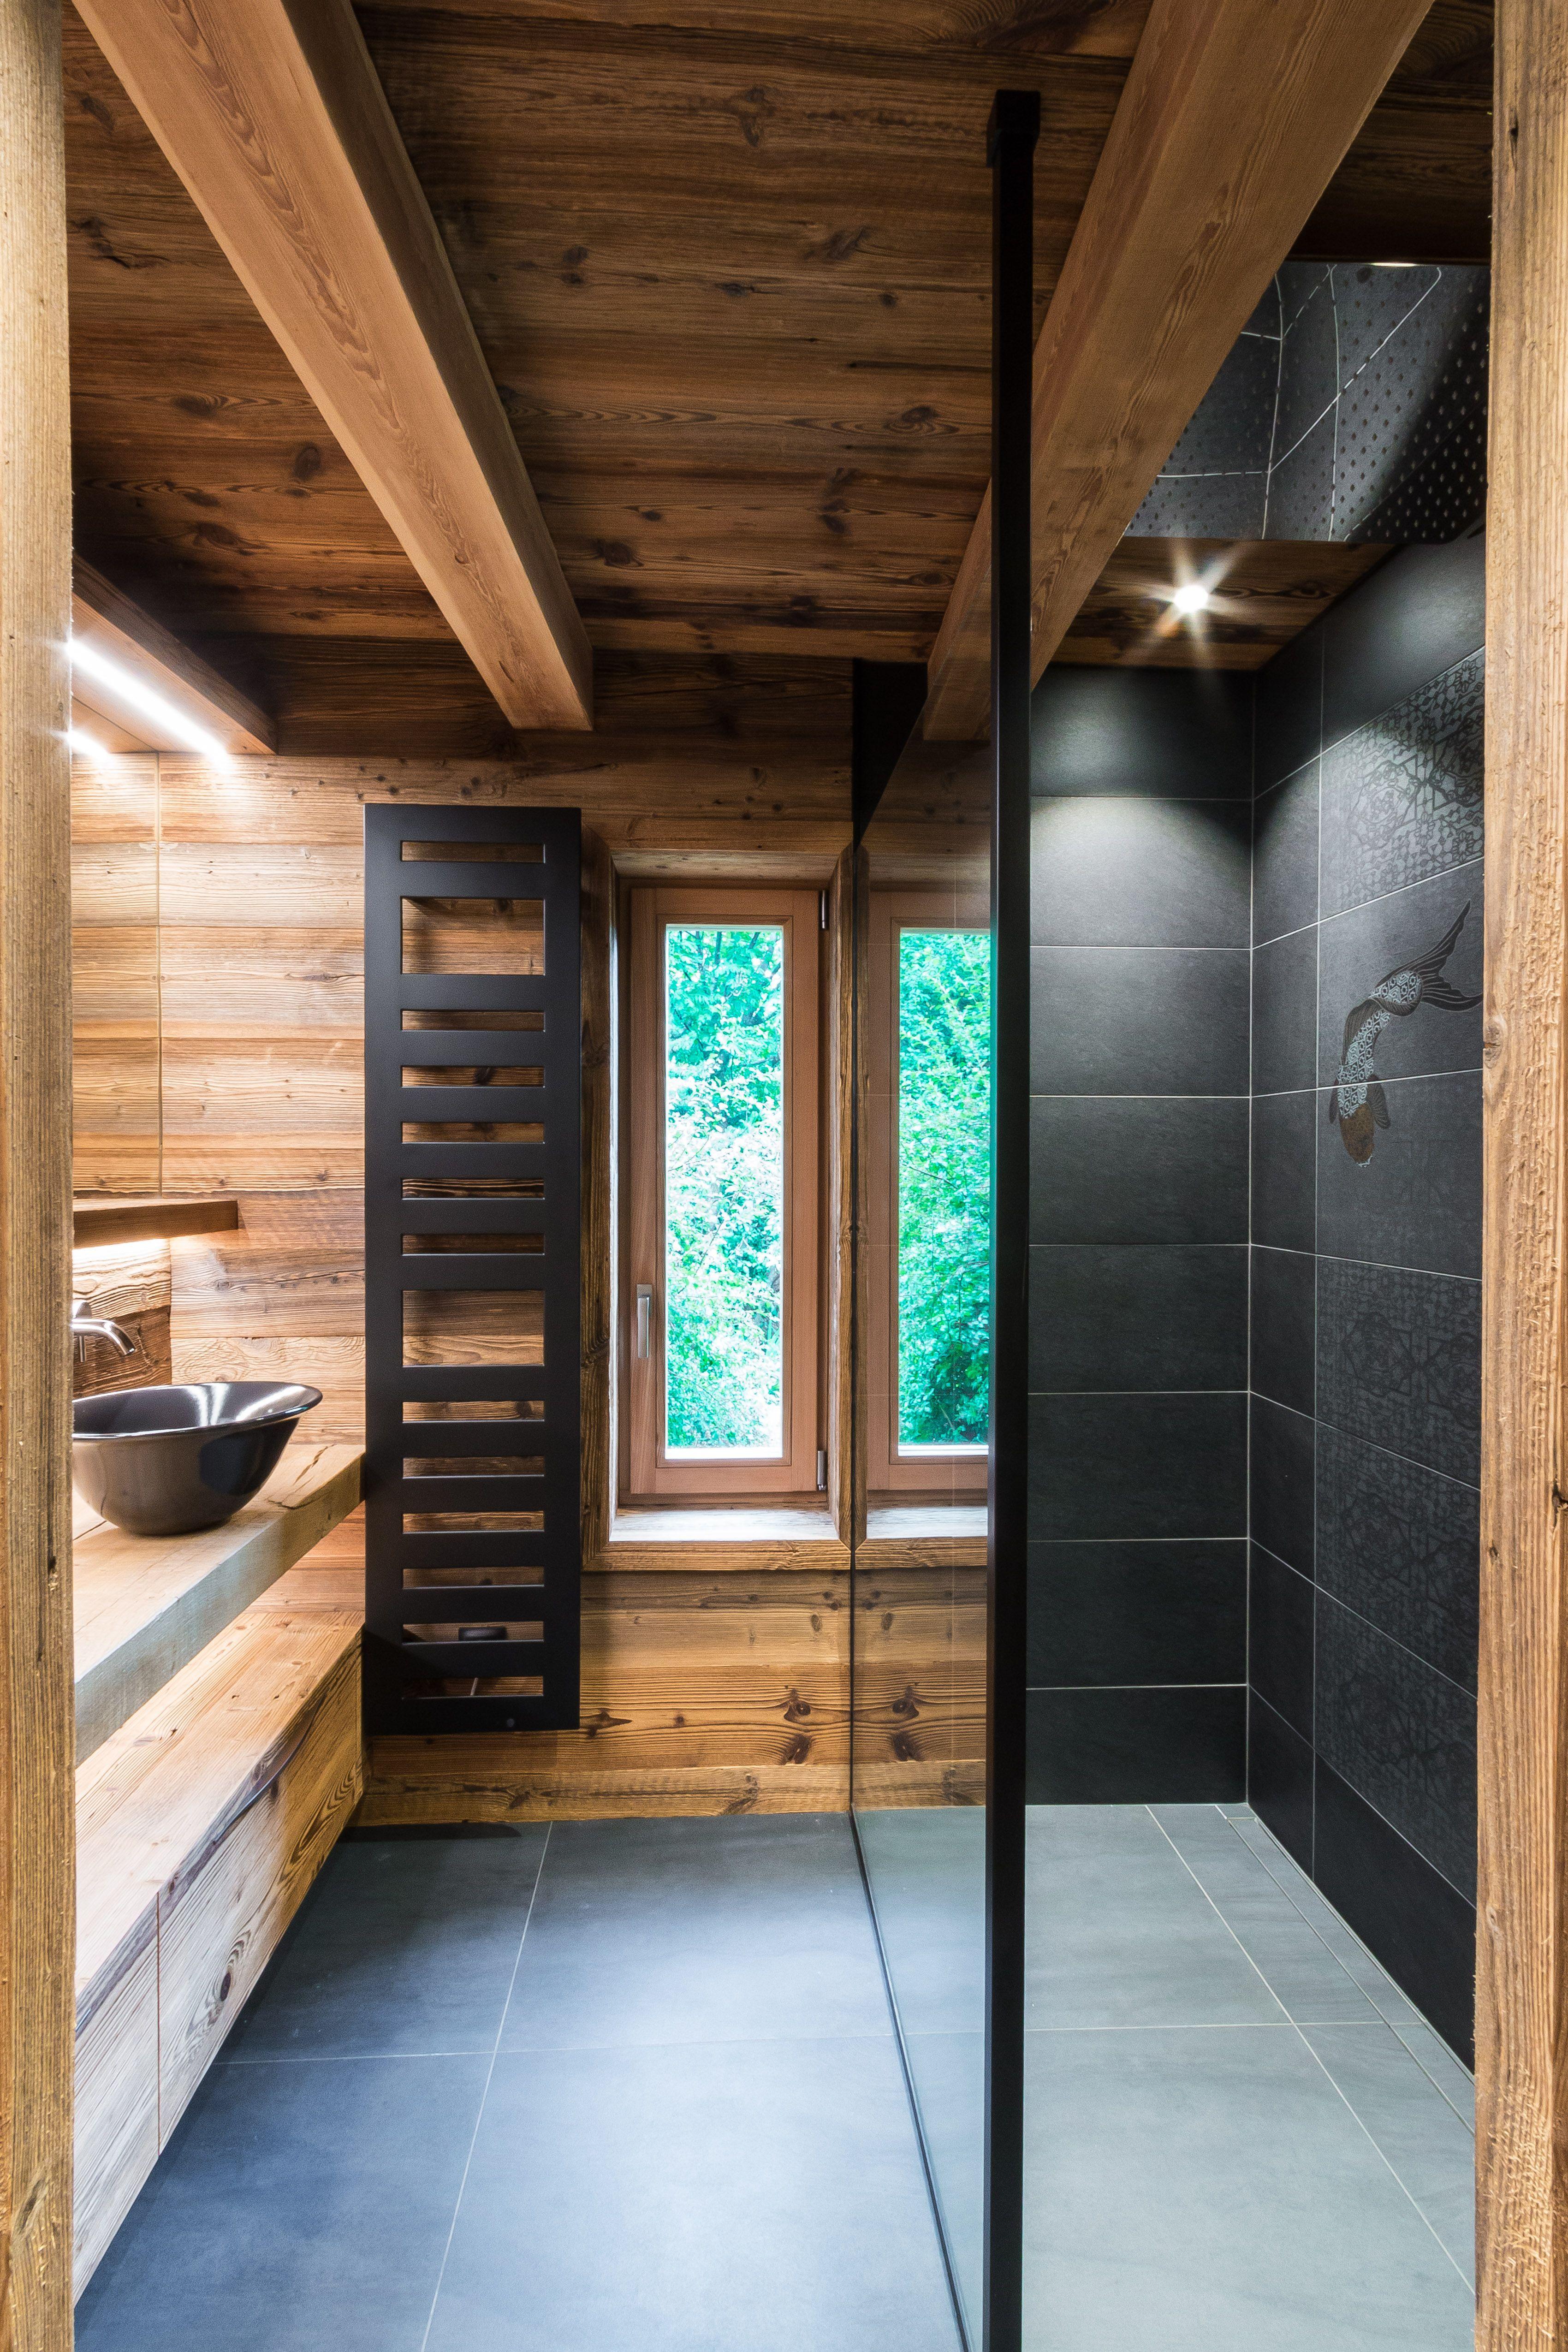 Salle De Bain Chalet réalisation d'une salle de bain en bois composée d'une